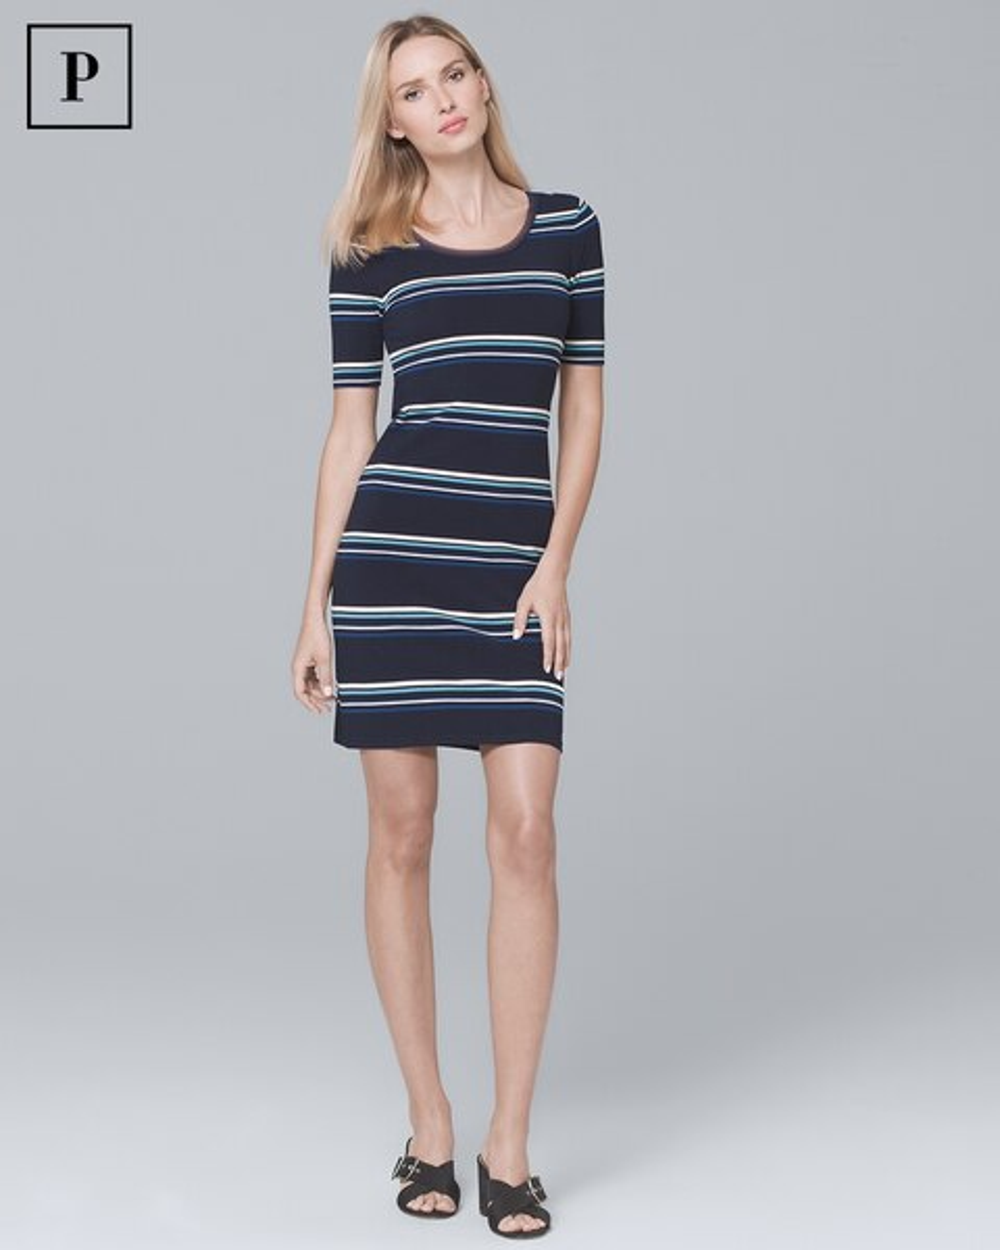 Petite Short Sleeve Stripe Knit Shift Dress White House Black Market